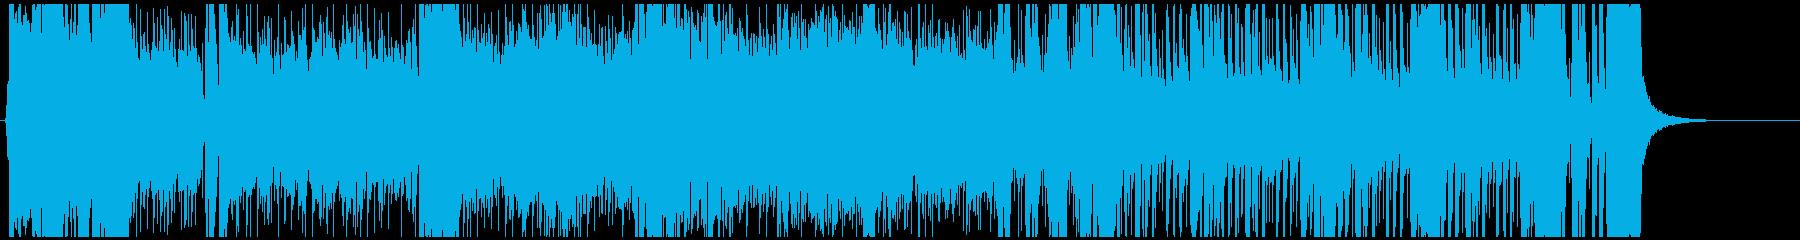 逆転勝利、形勢逆転の明るいBGMの再生済みの波形